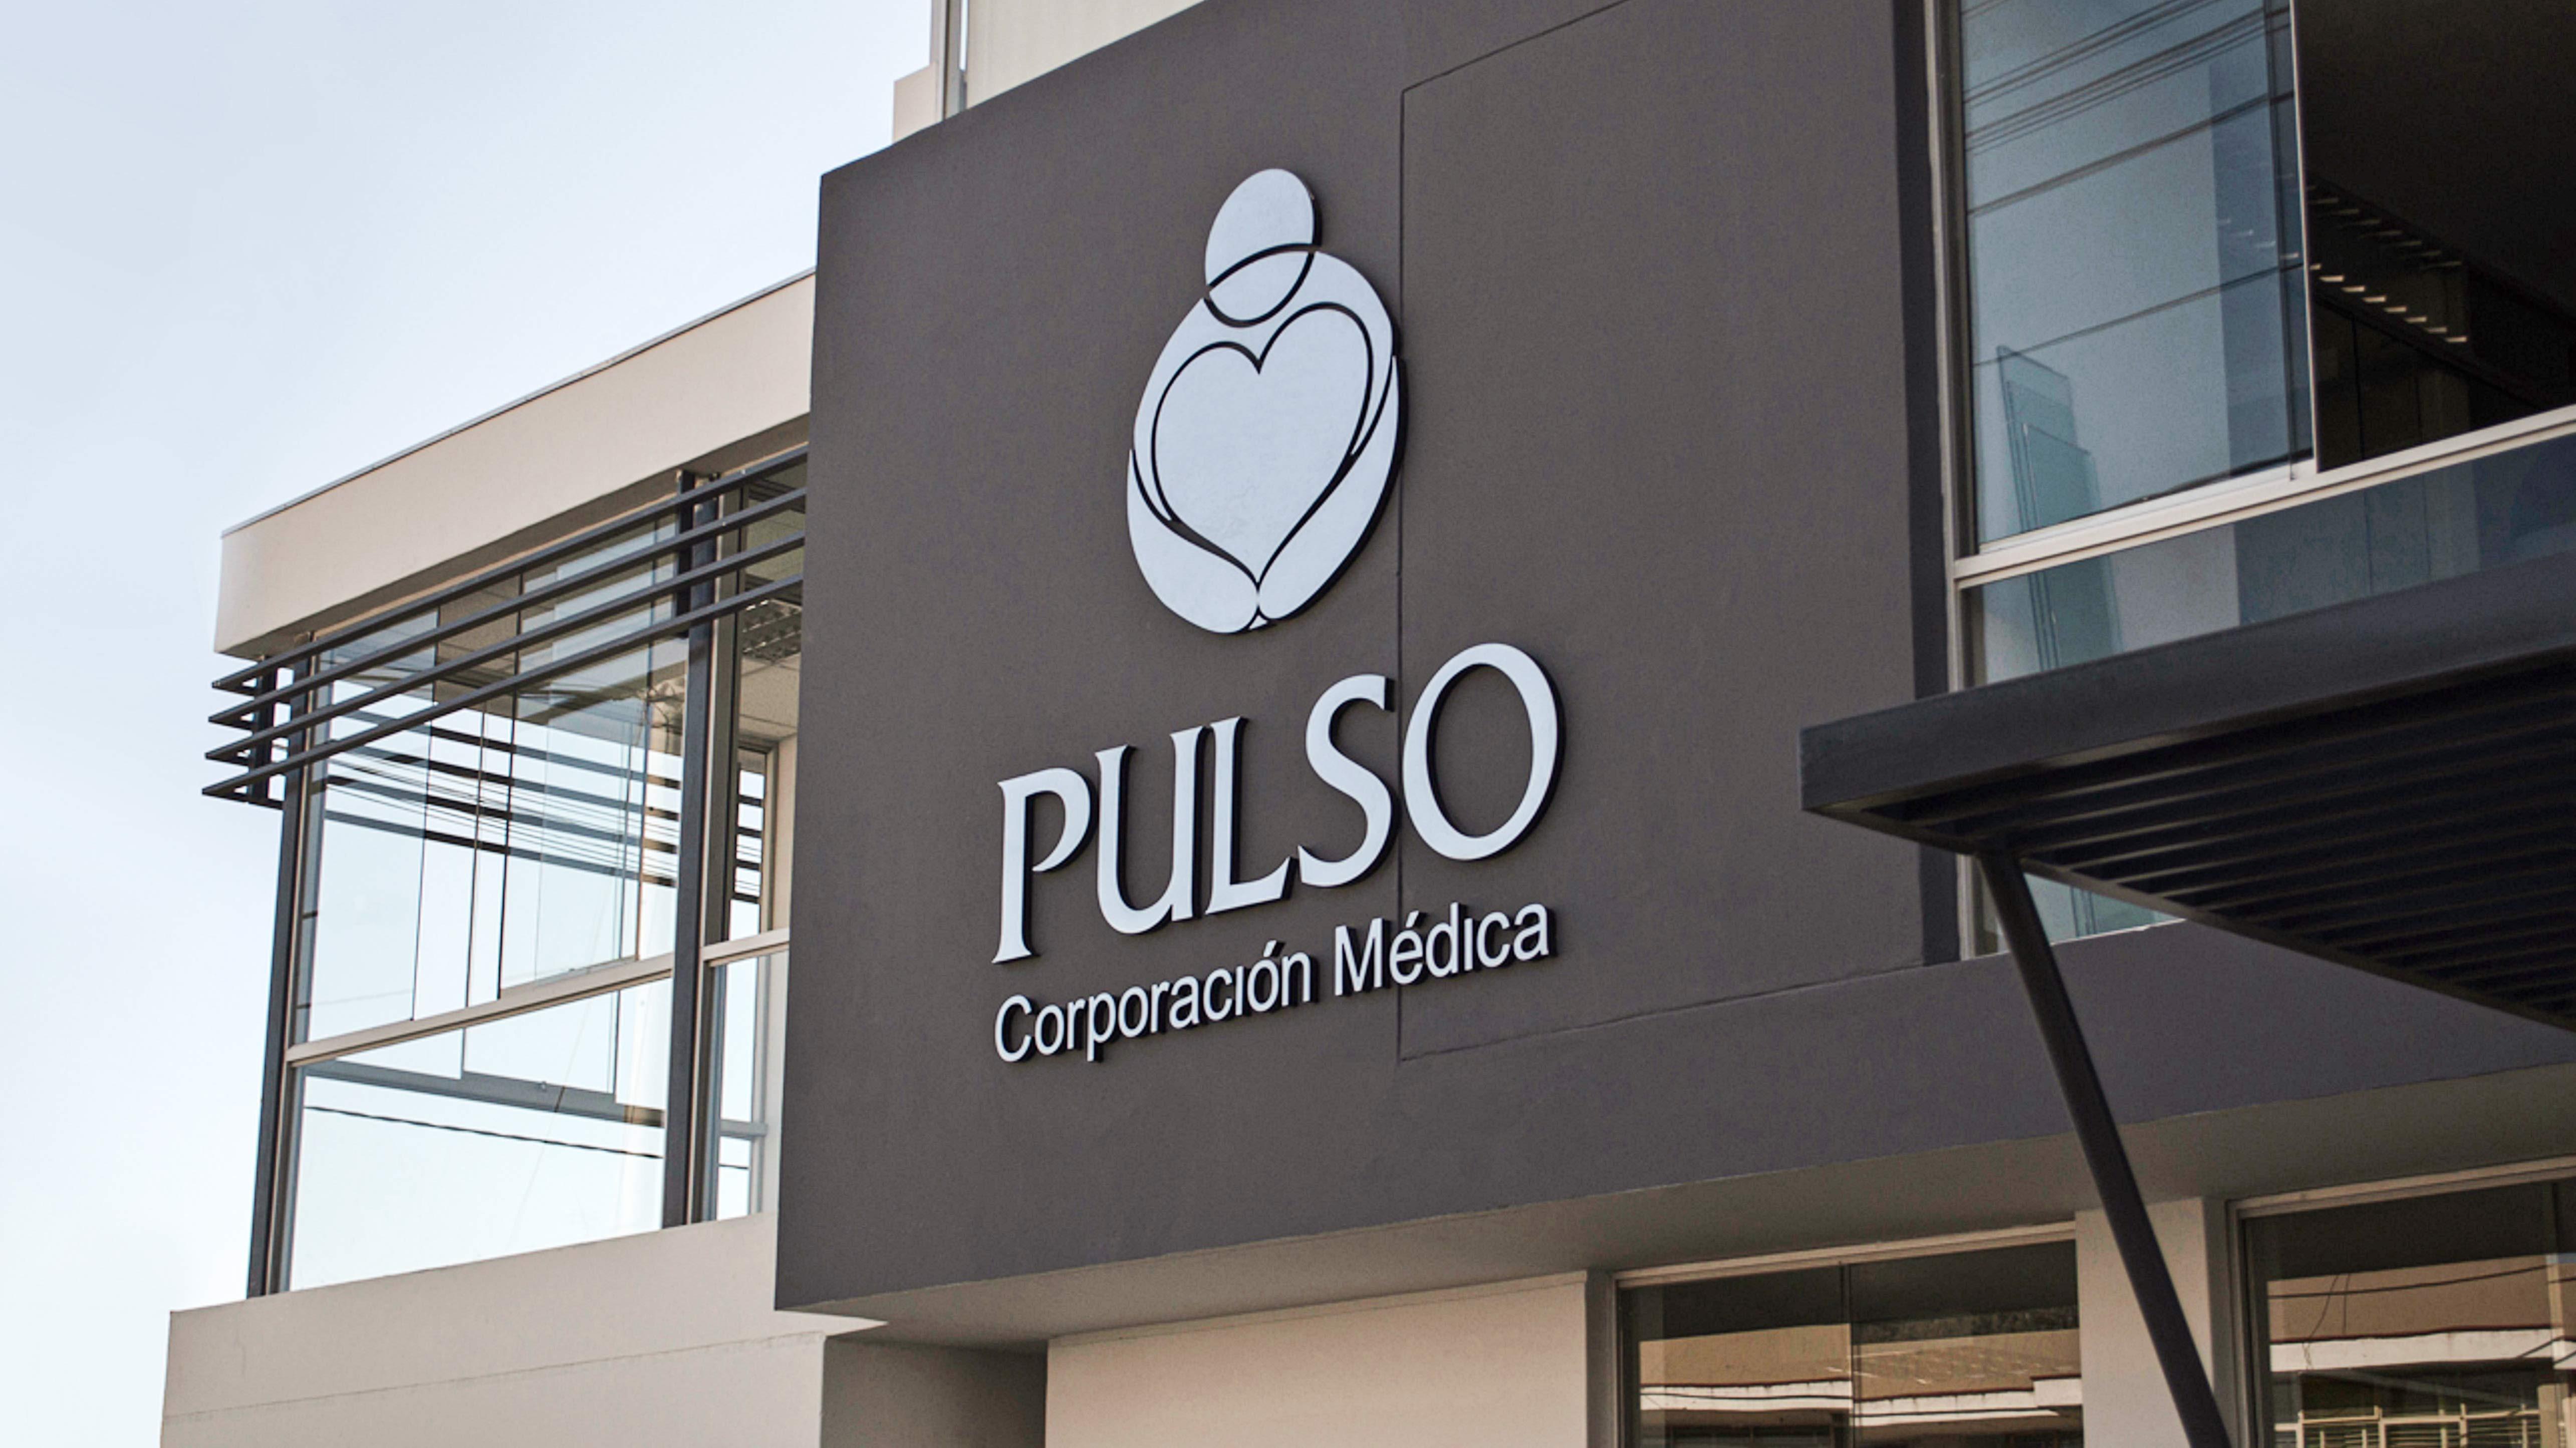 Foco en Pulso Salud, empresa de salud ocupacional que expande su portafolio con la apertura de laboratorios express